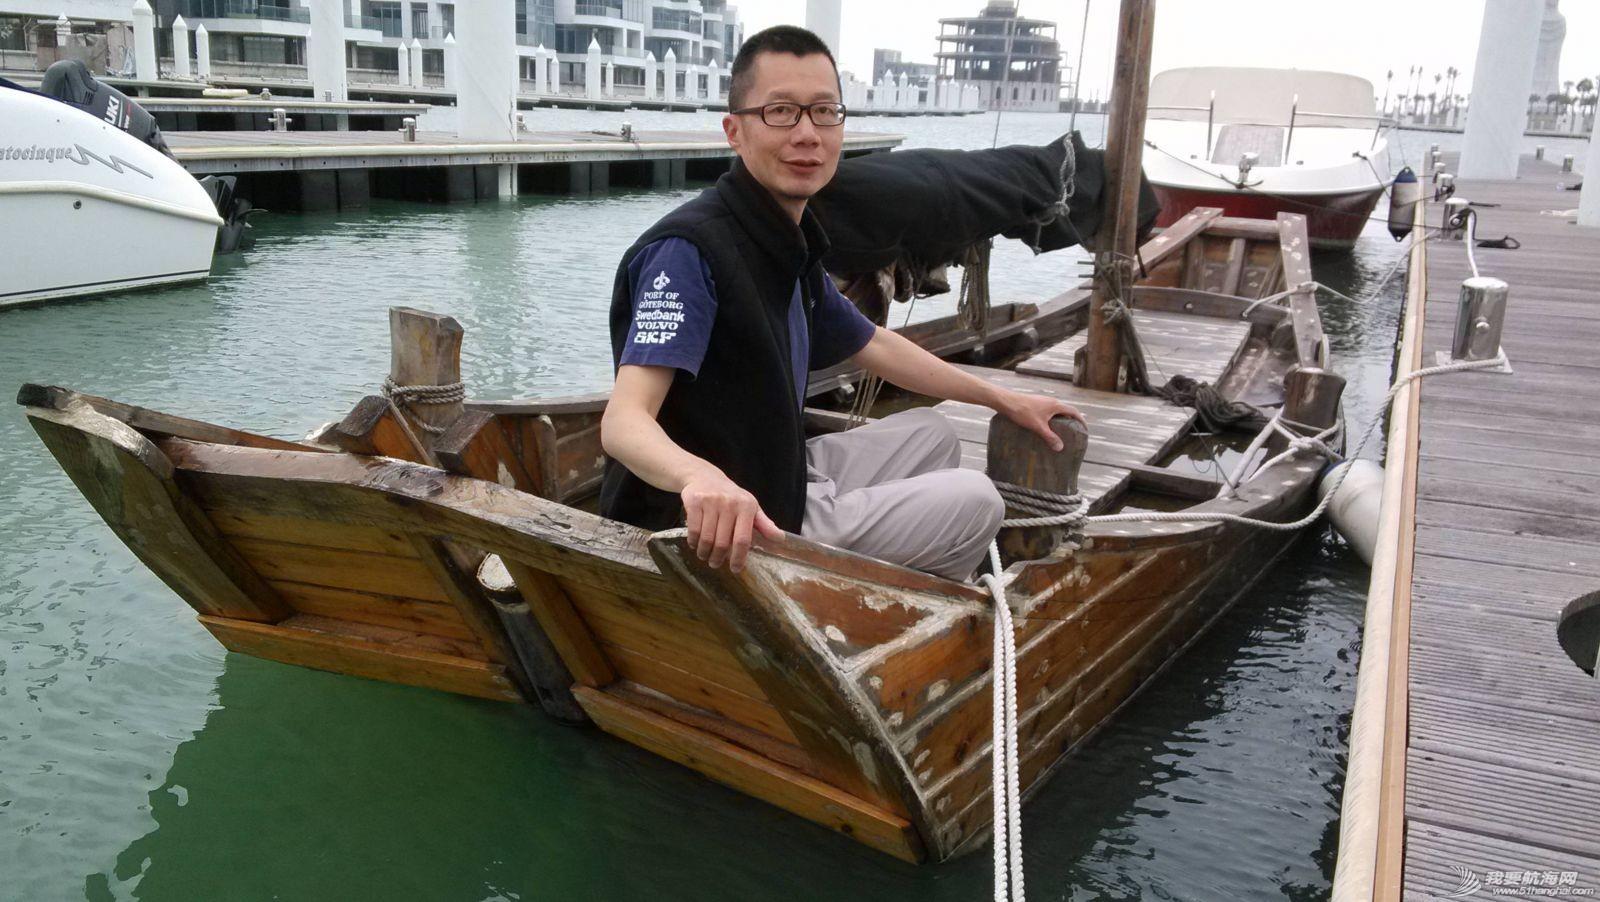 南台二号,游艇码头,香山 2013年11月4日 许路在香山游艇码头检查进水下沉的南台二号。--南台二号 16.jpg